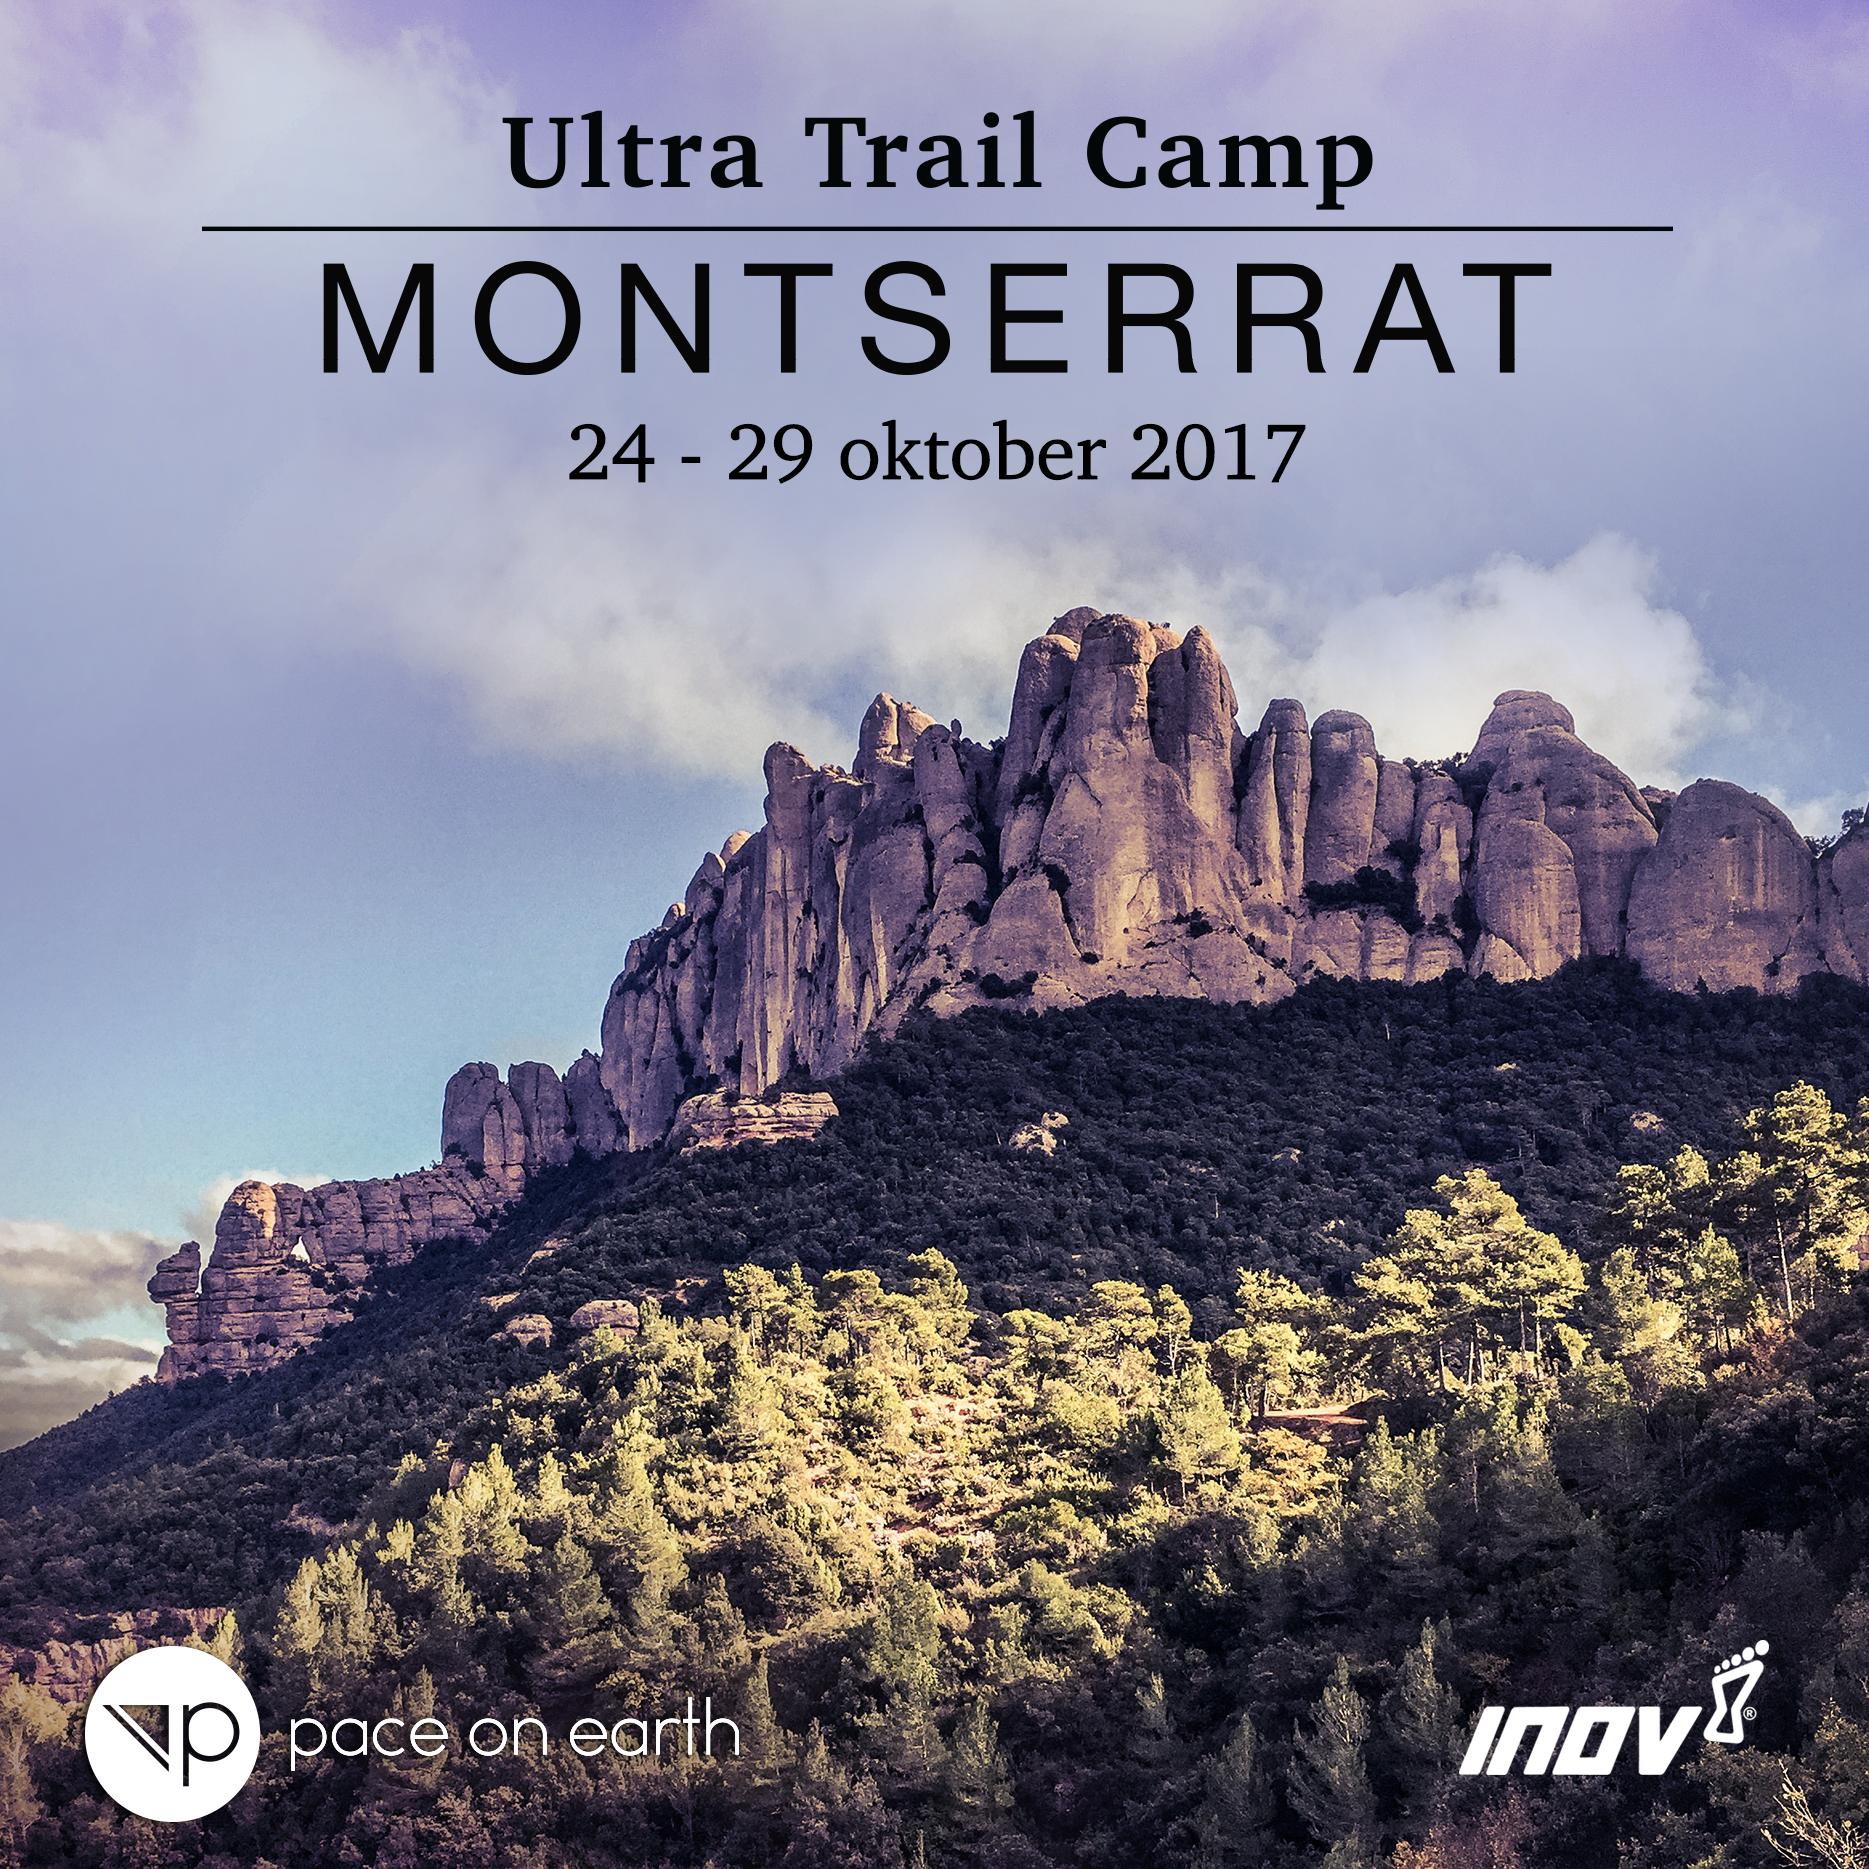 Fly höstrusket och följ med oss till Montserrat! Anmäl dig senast 24 september >